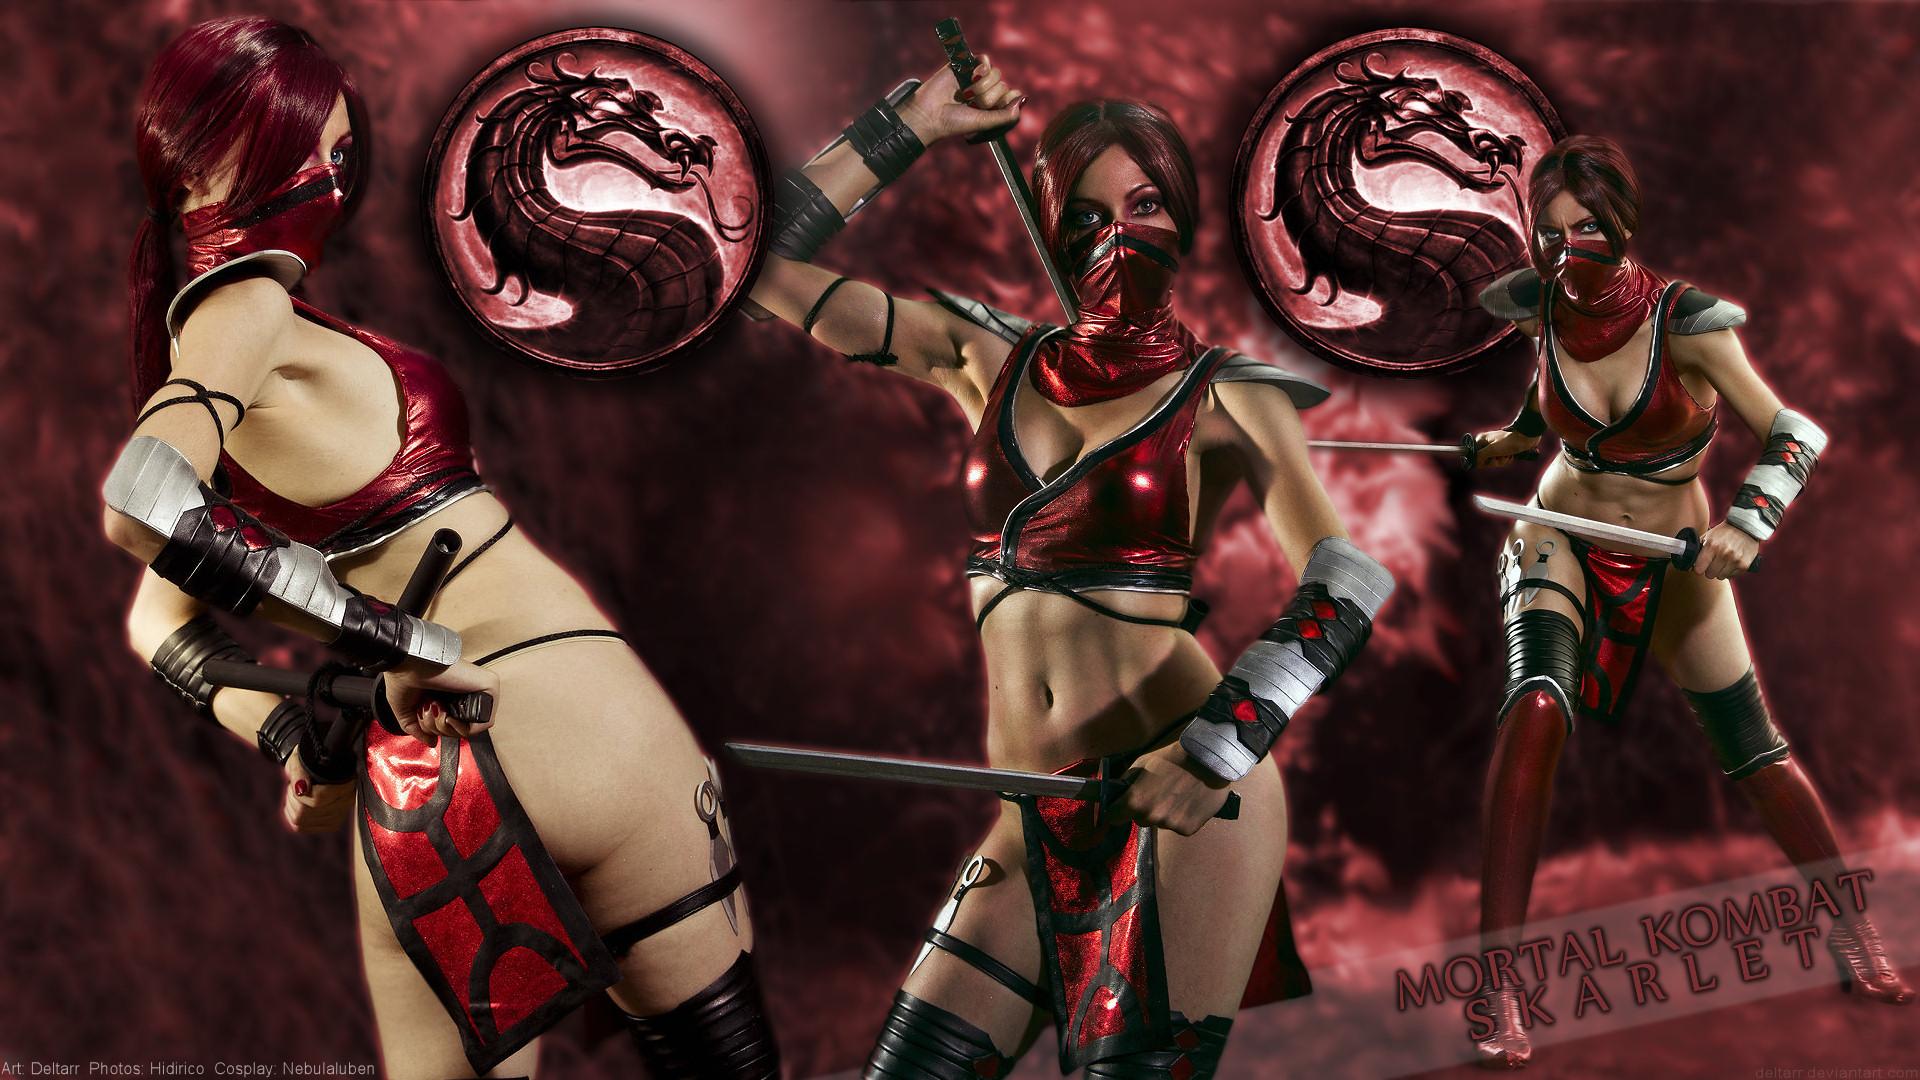 Nebulaluben as Skarlet (Mortal Kombat) by Deltarr